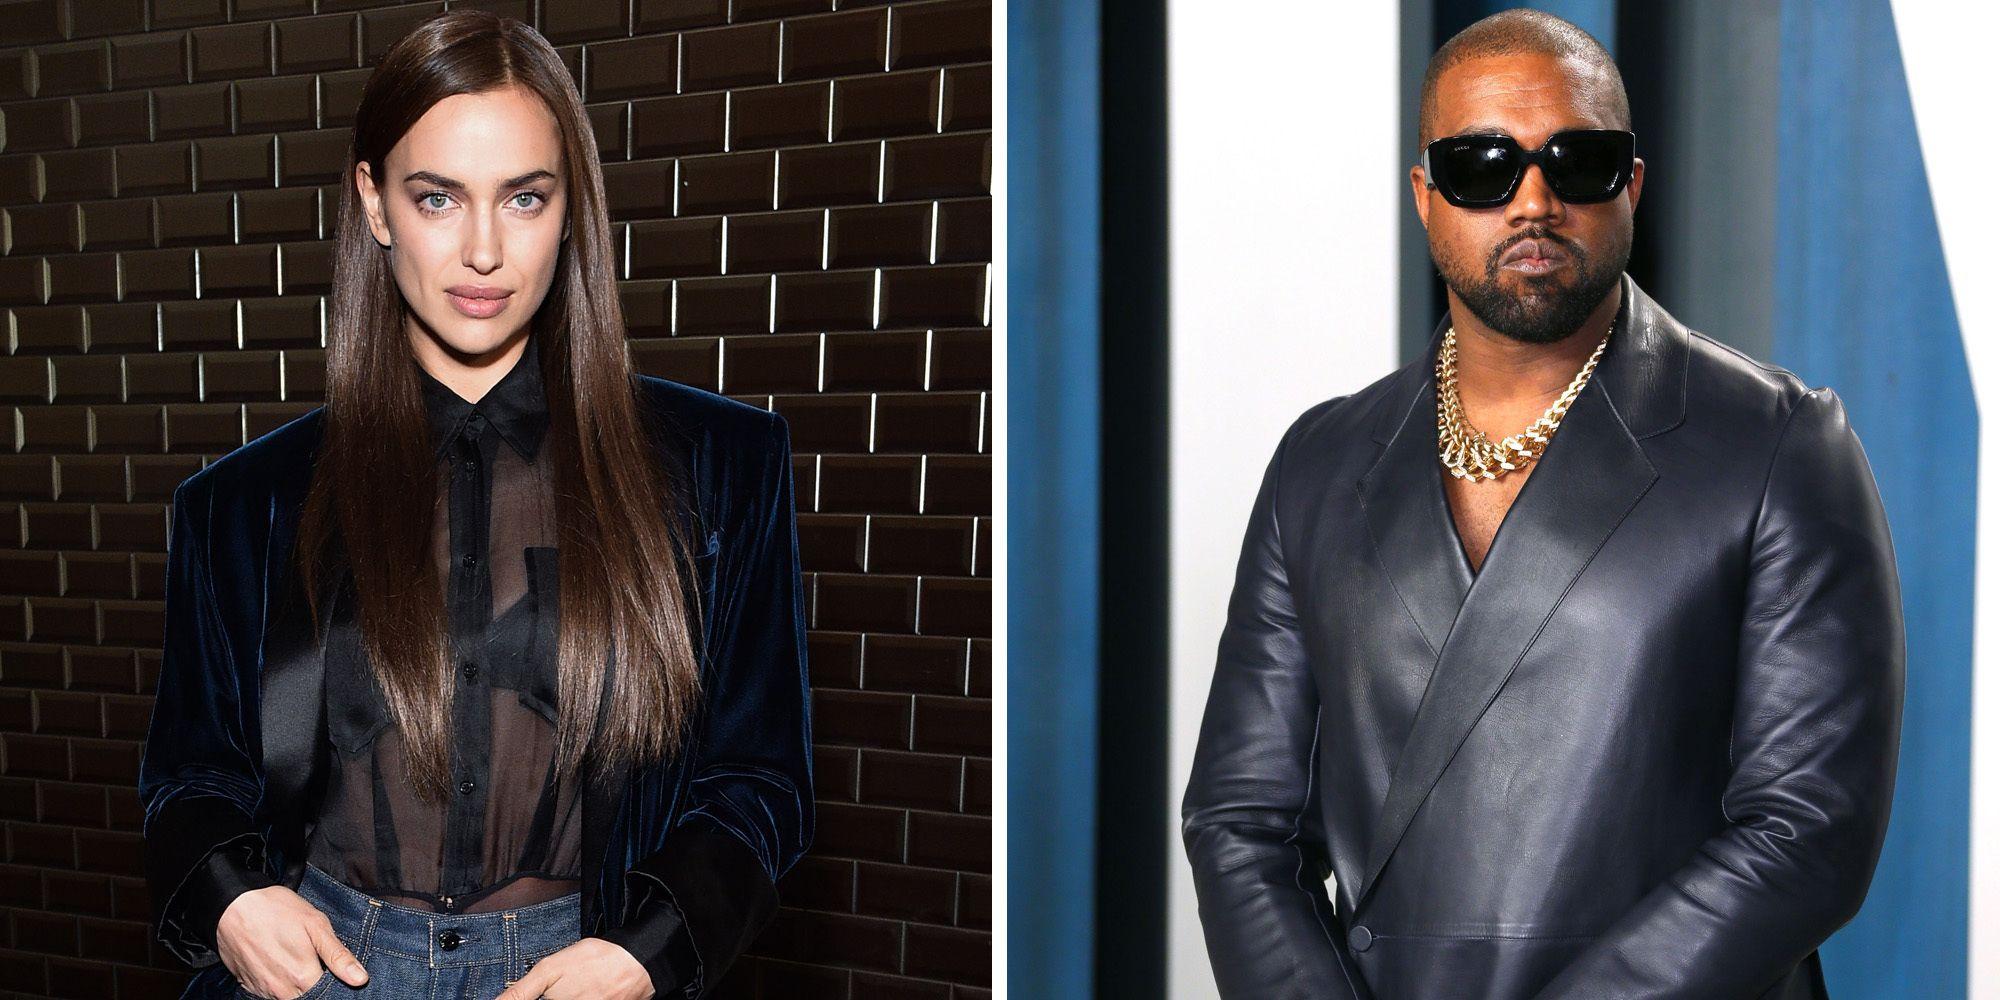 Inside Kanye West and Irina Shayk's Budding Relationship